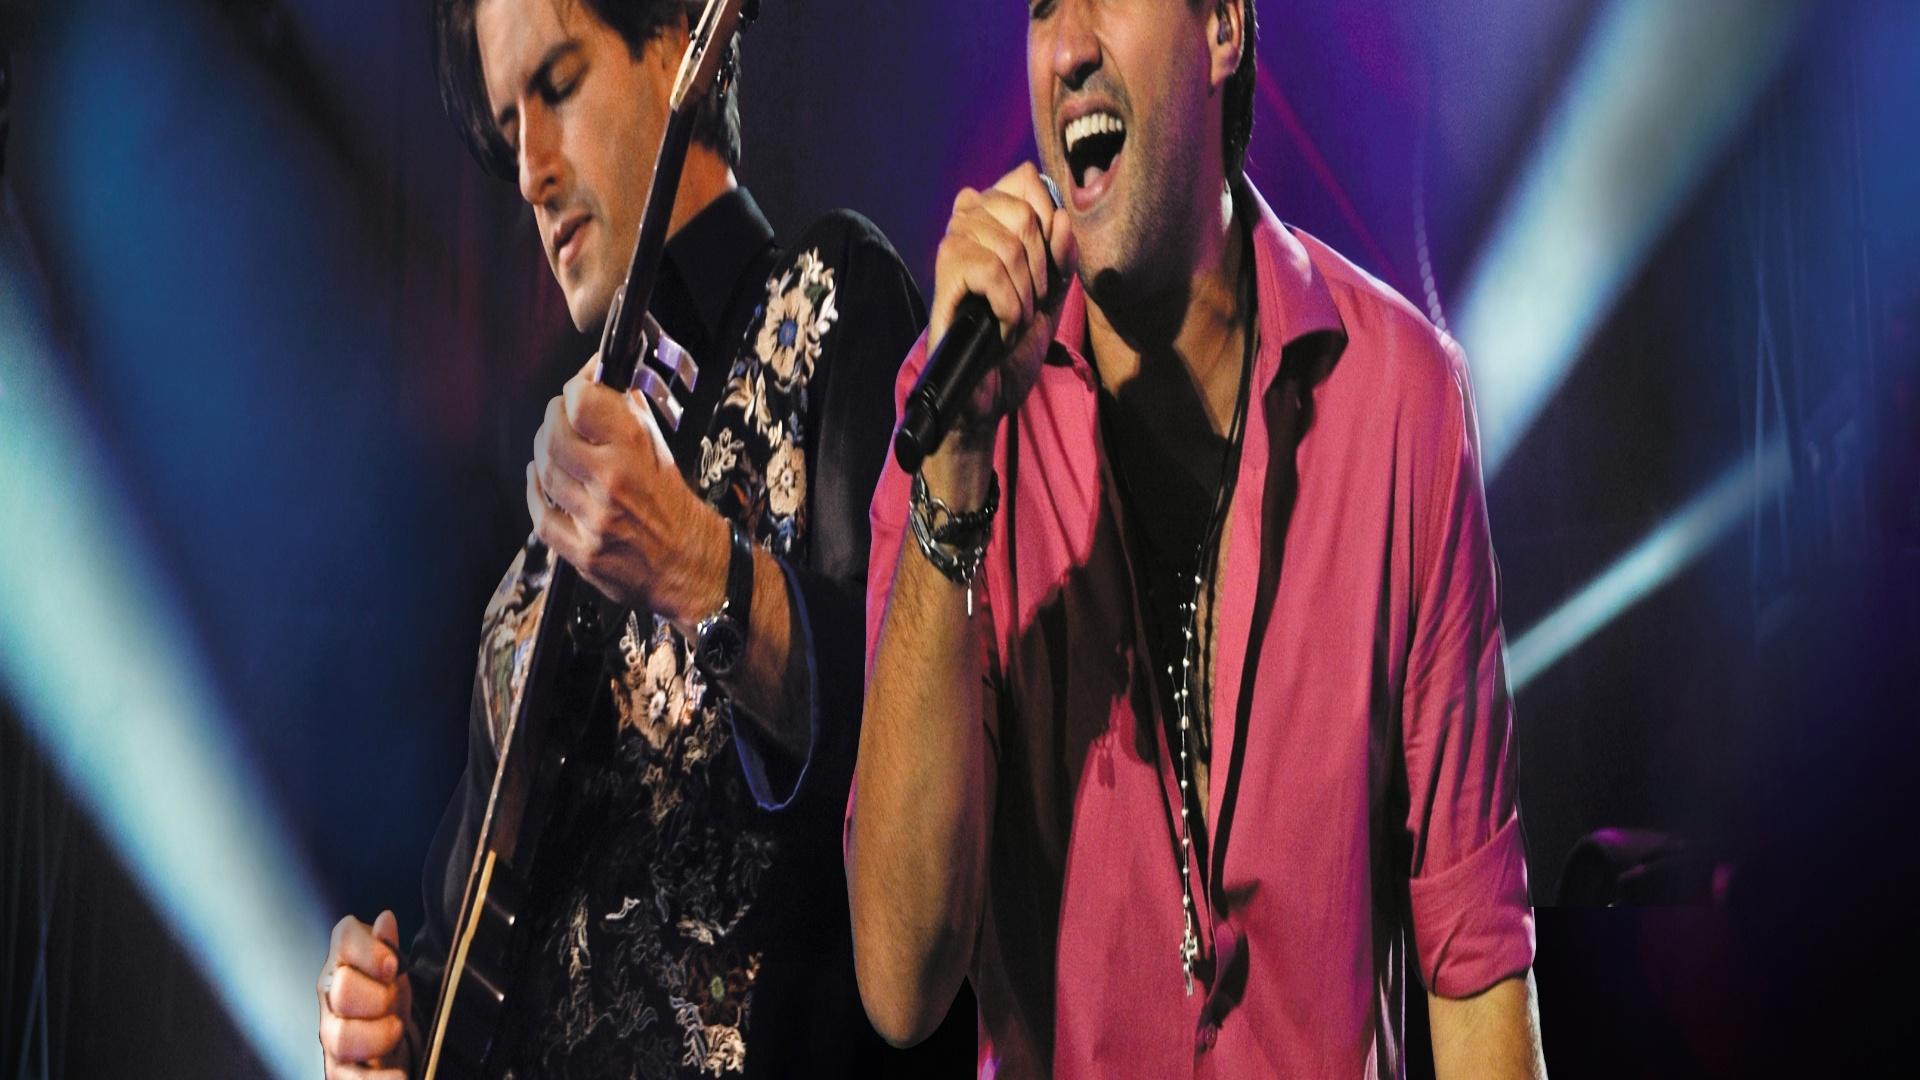 Victor e Leo fazem shows de 13 a 16 de dezembro em São Paulo